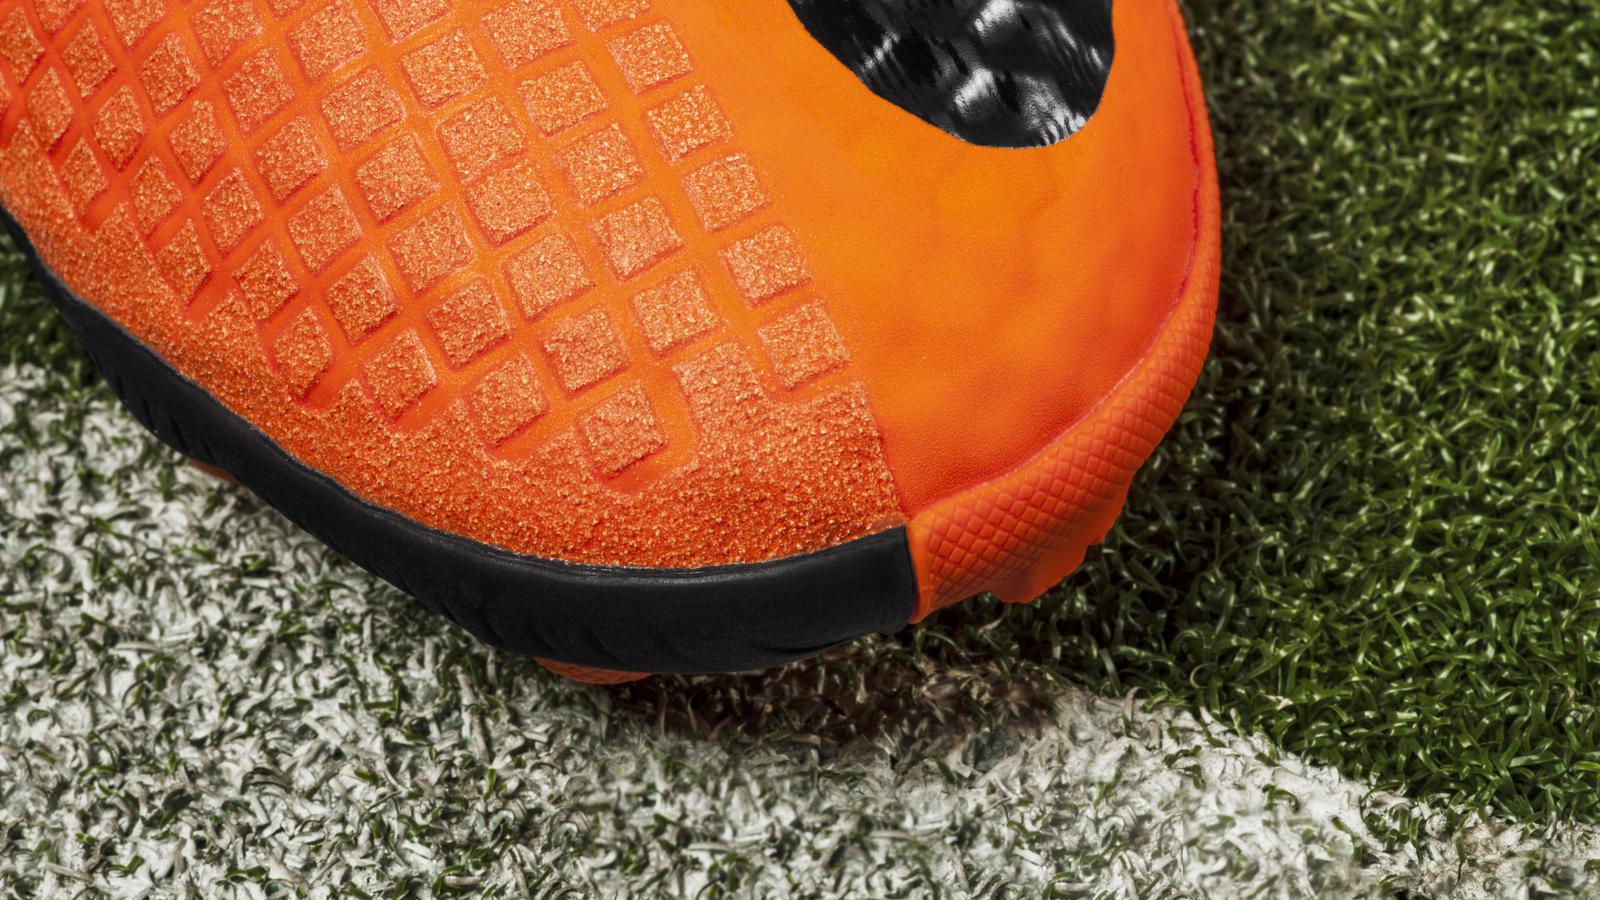 Nike Bomba Finale II Detail Toe Box